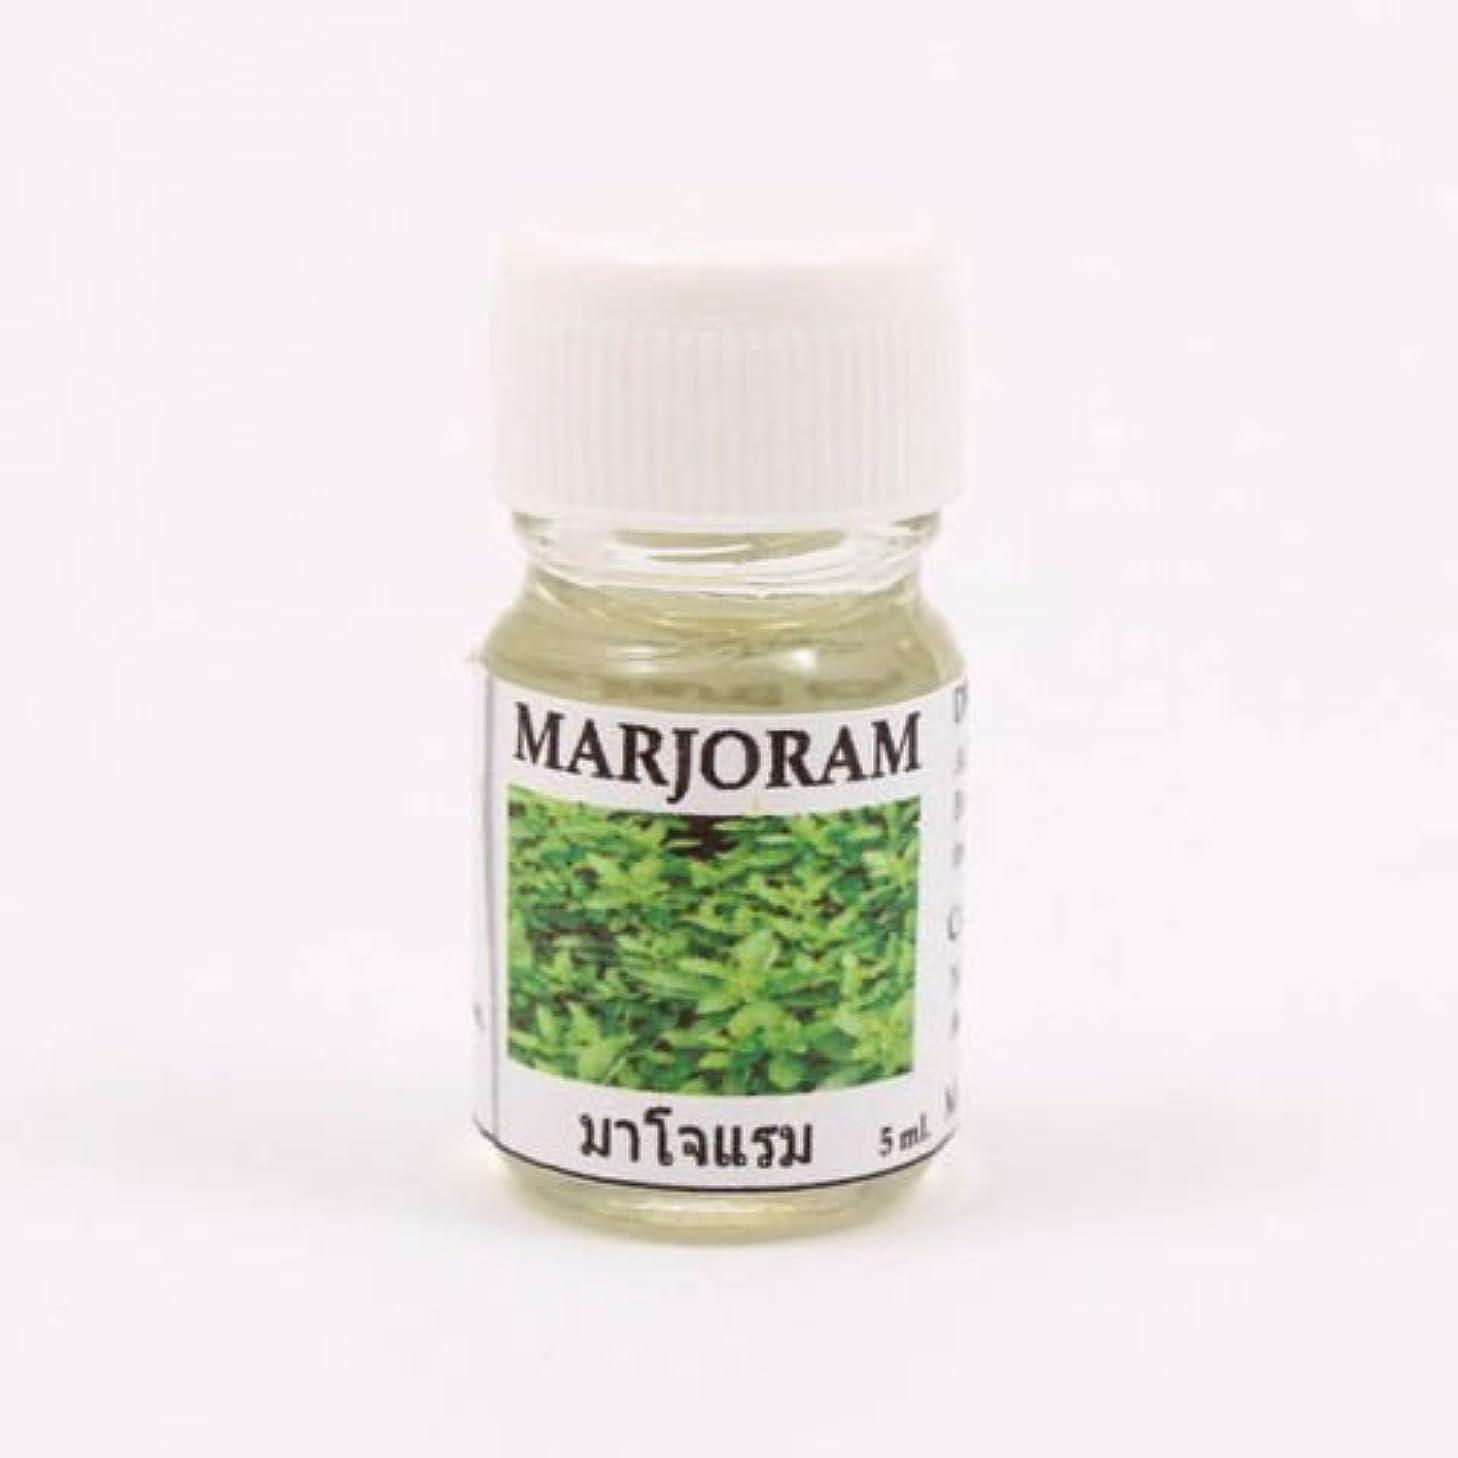 リース買う楽観的6X Marjoram Aroma Fragrance Essential Oil 5ML (cc) Diffuser Burner Therapy